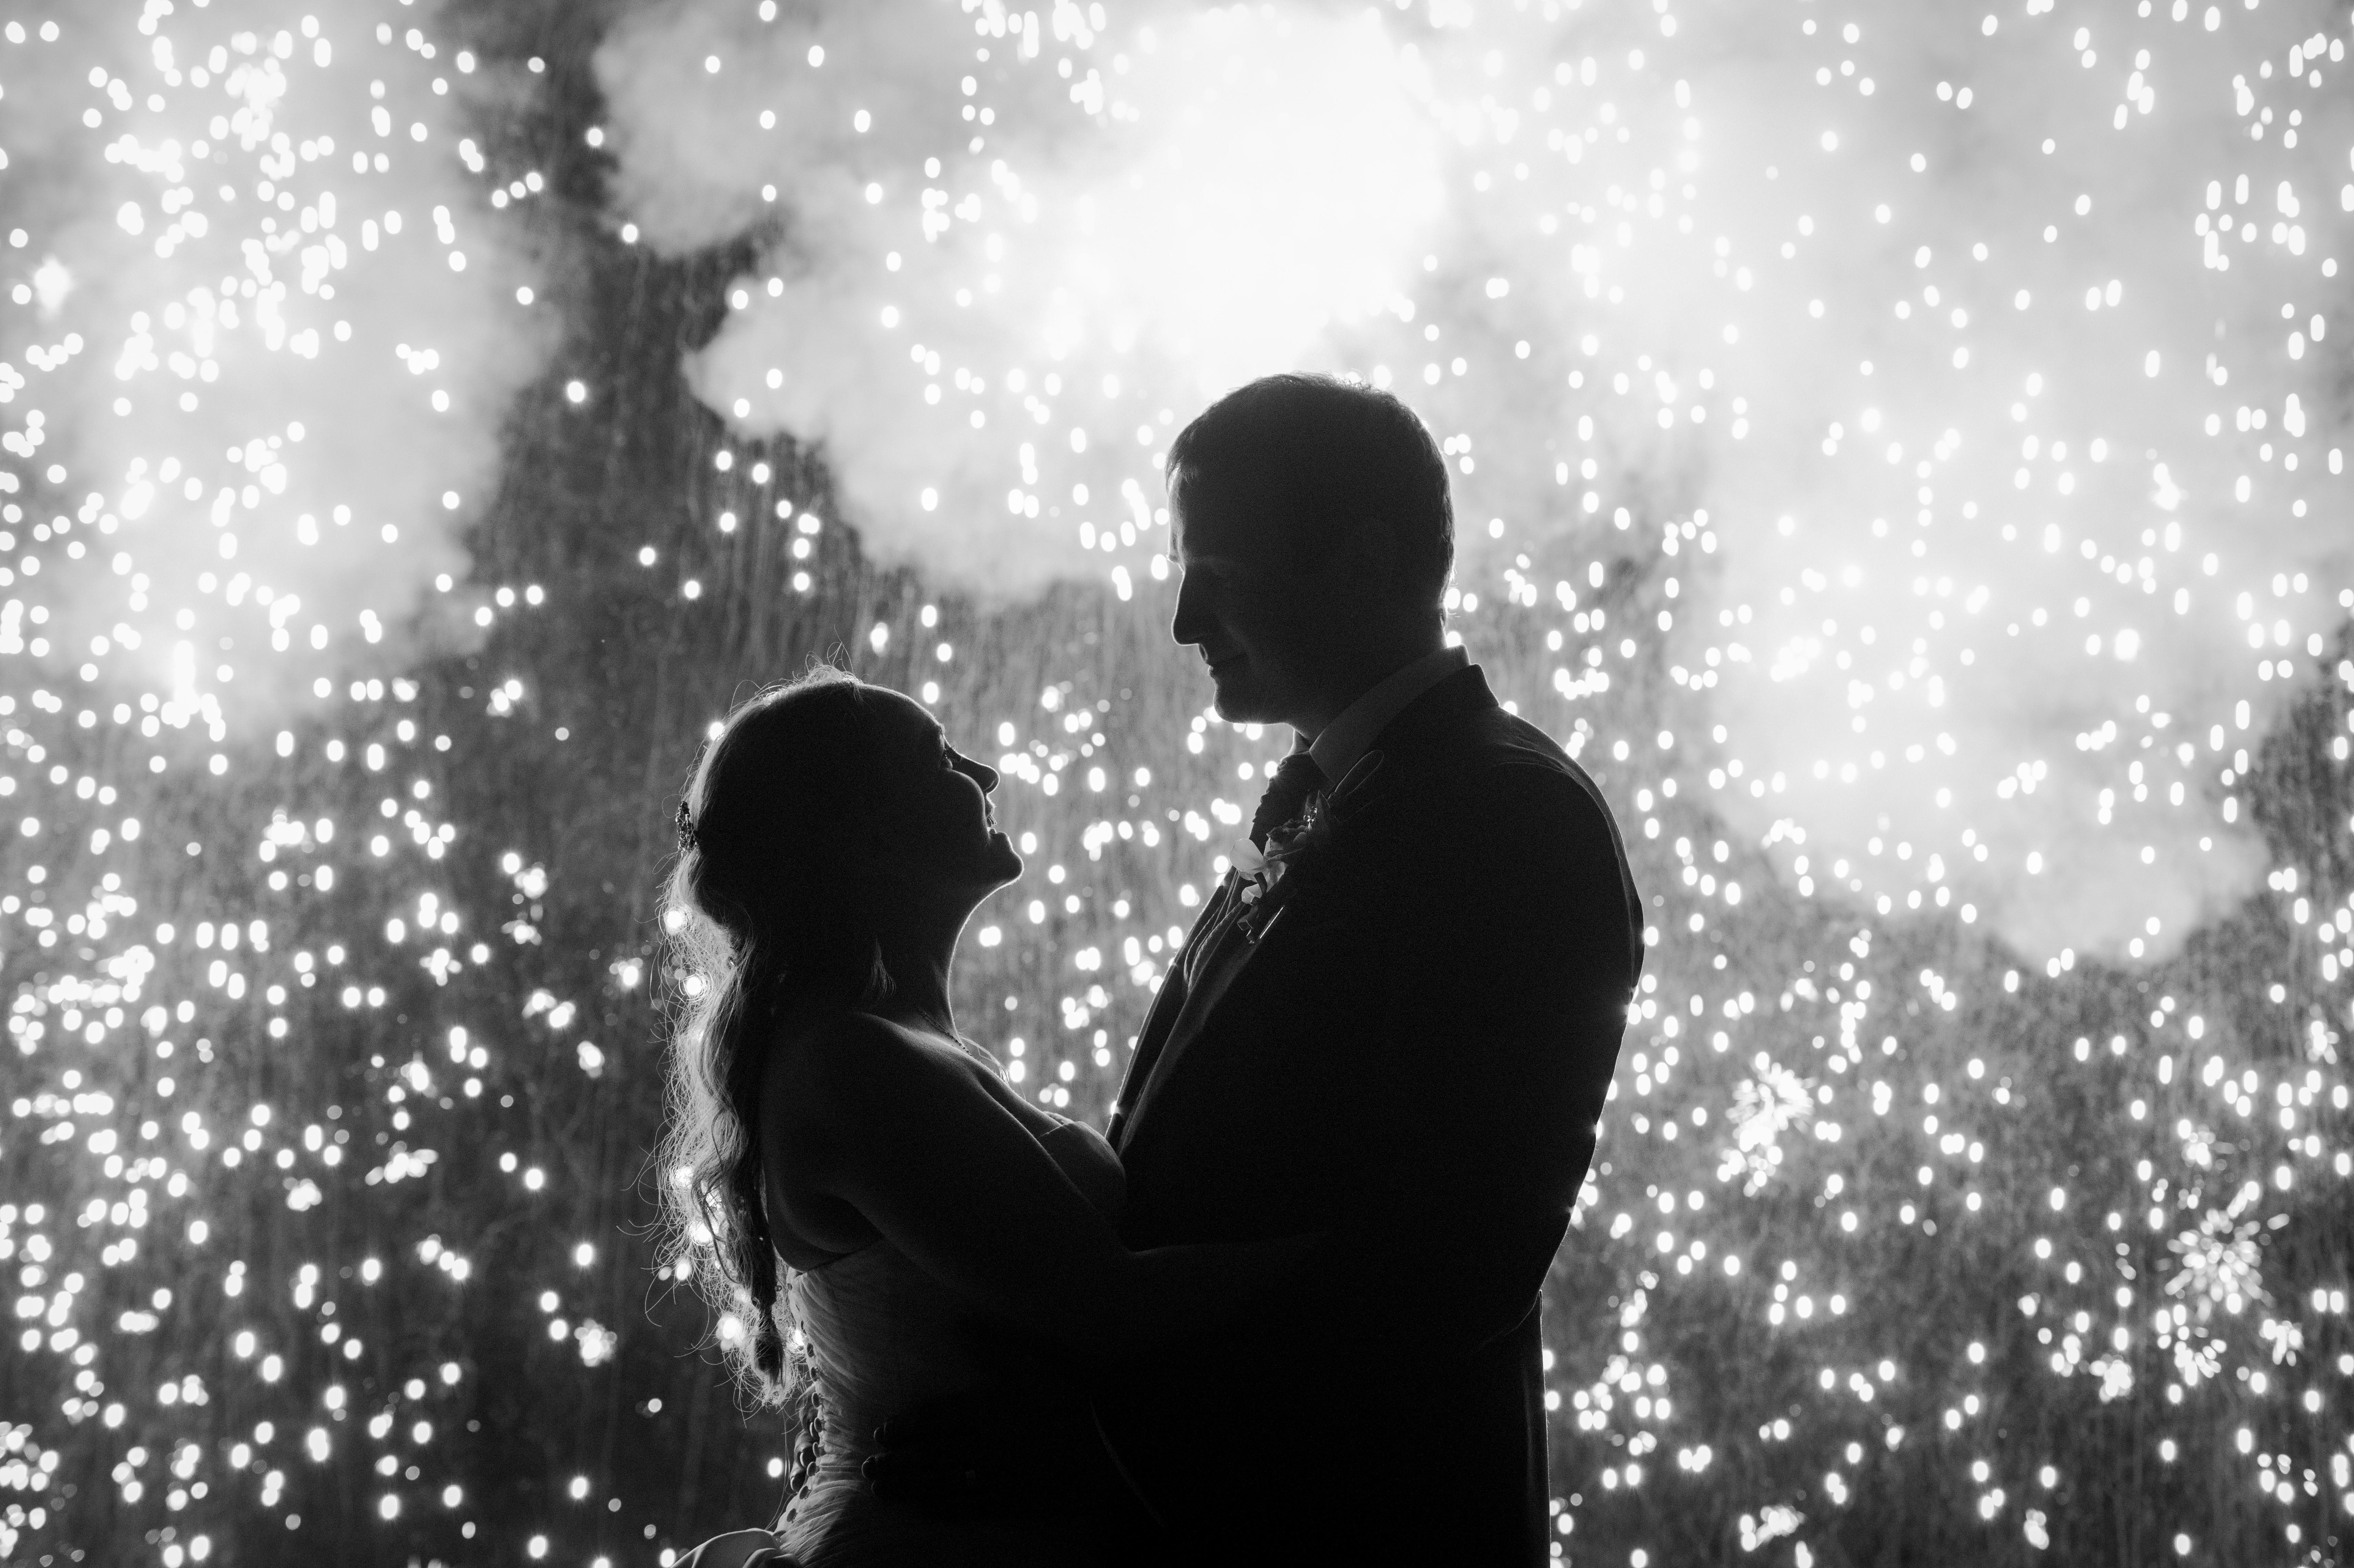 wedding portrait with sparkler curtain